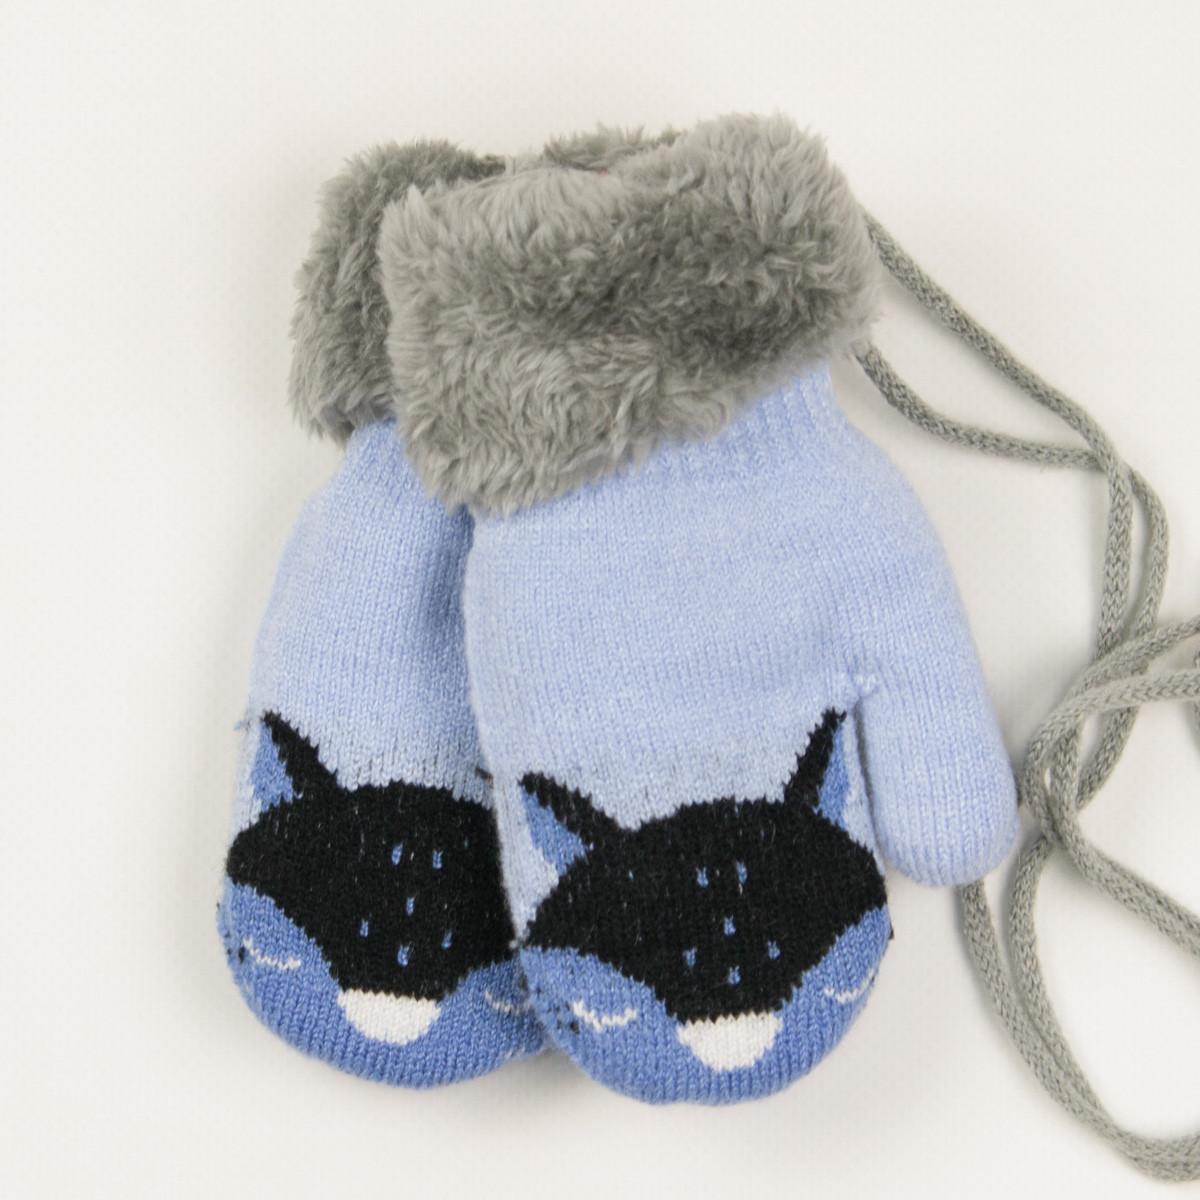 Детские теплые варежки с меховой подкладкой на 2-3 года - 19-7-59 - Голубой